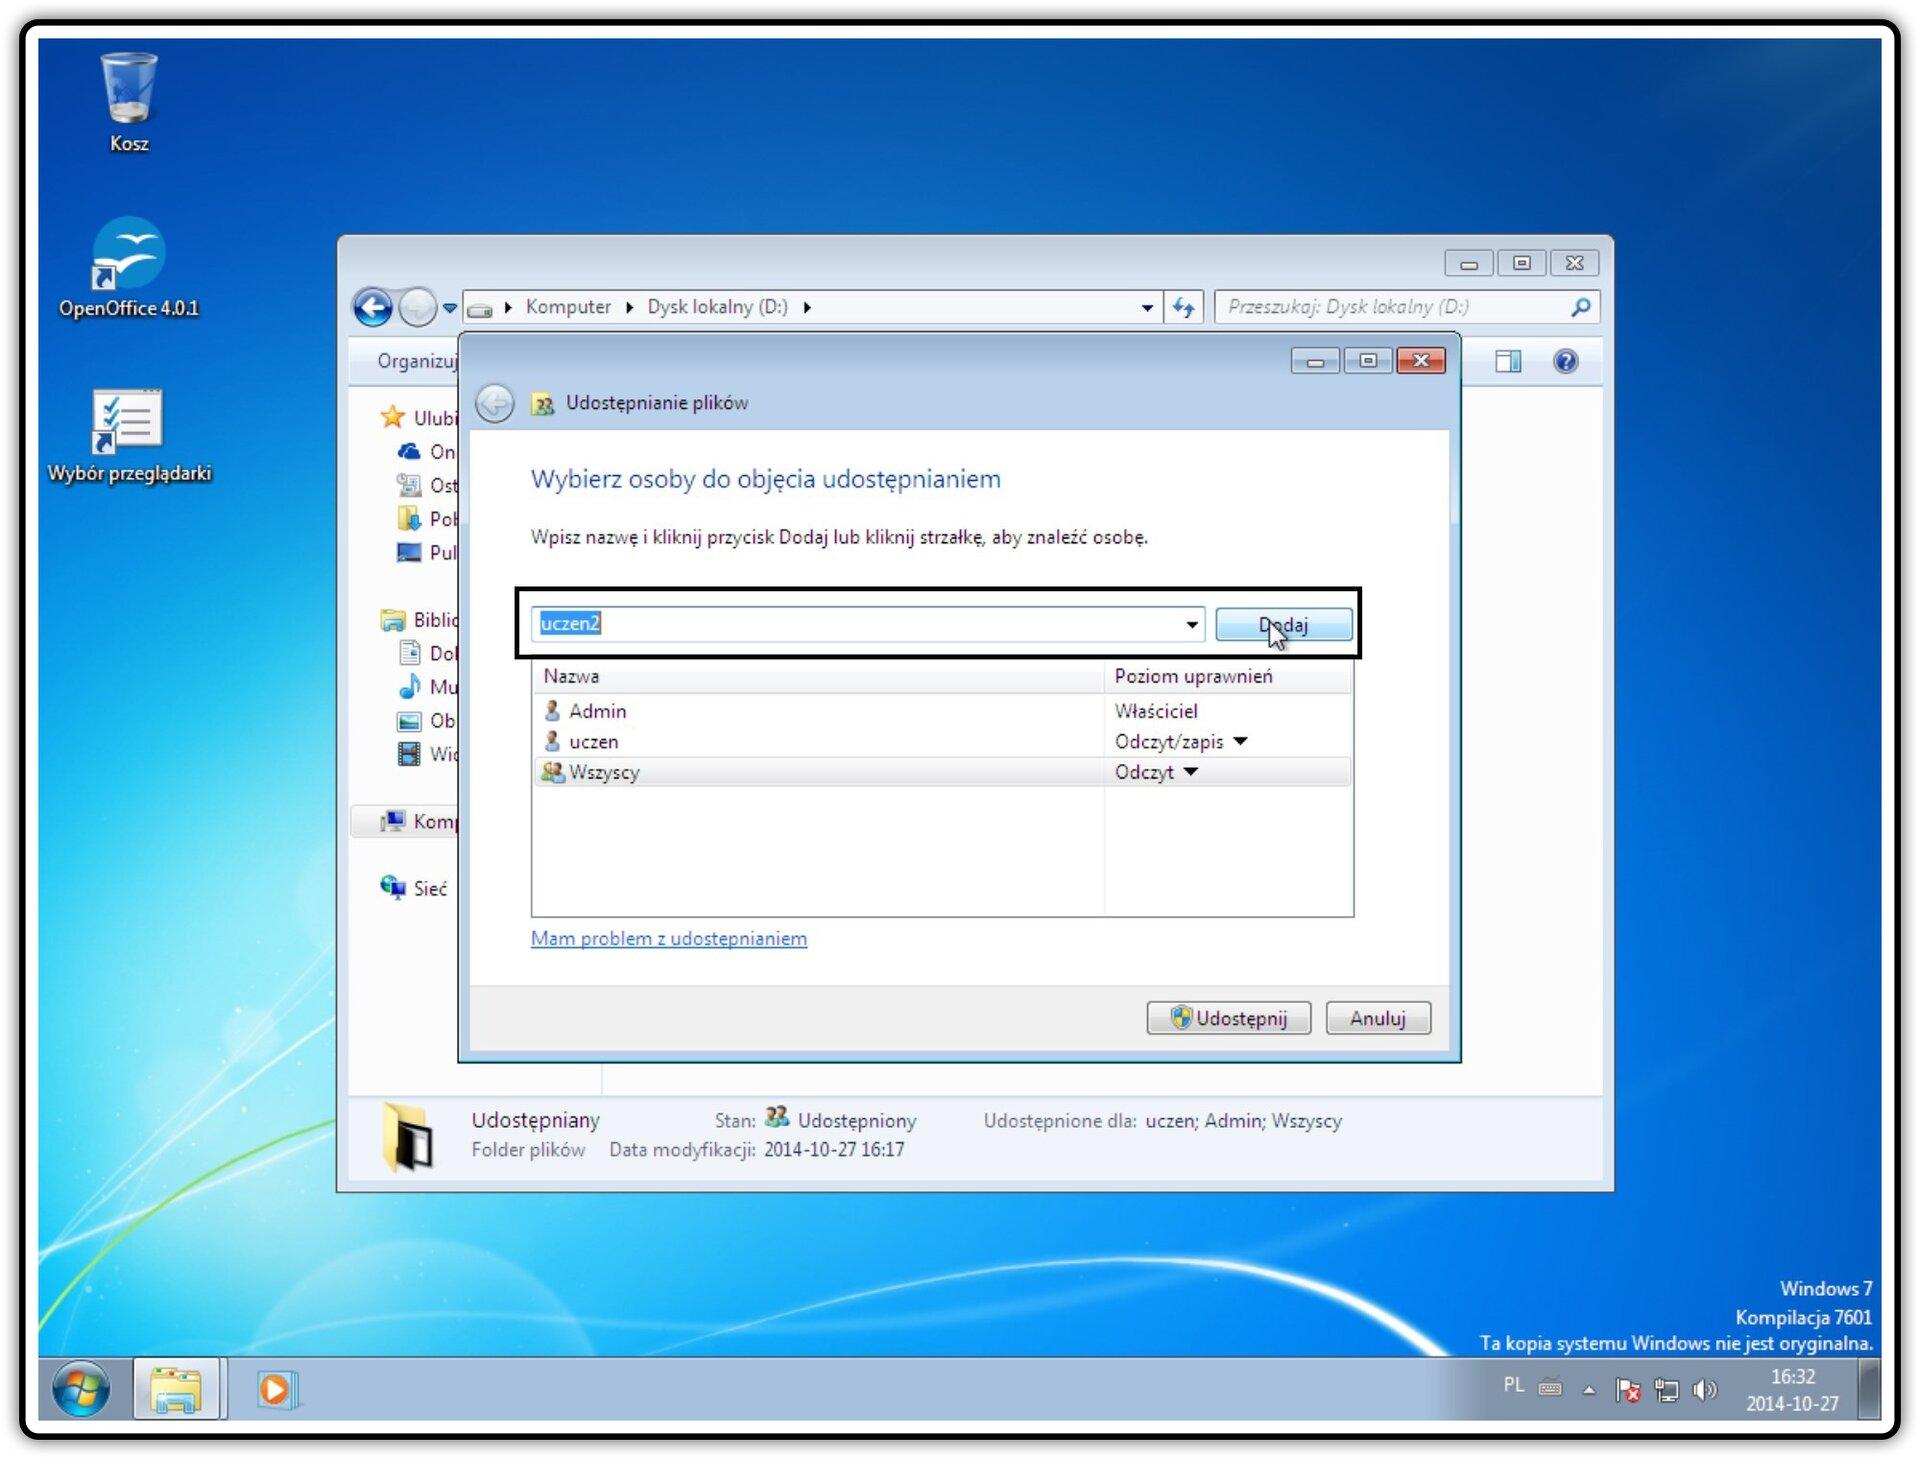 Ilustracja przedstawiająca: Krok 2 udostępniania zasobów wybranym użytkownikom sieciowych wsystemie Window